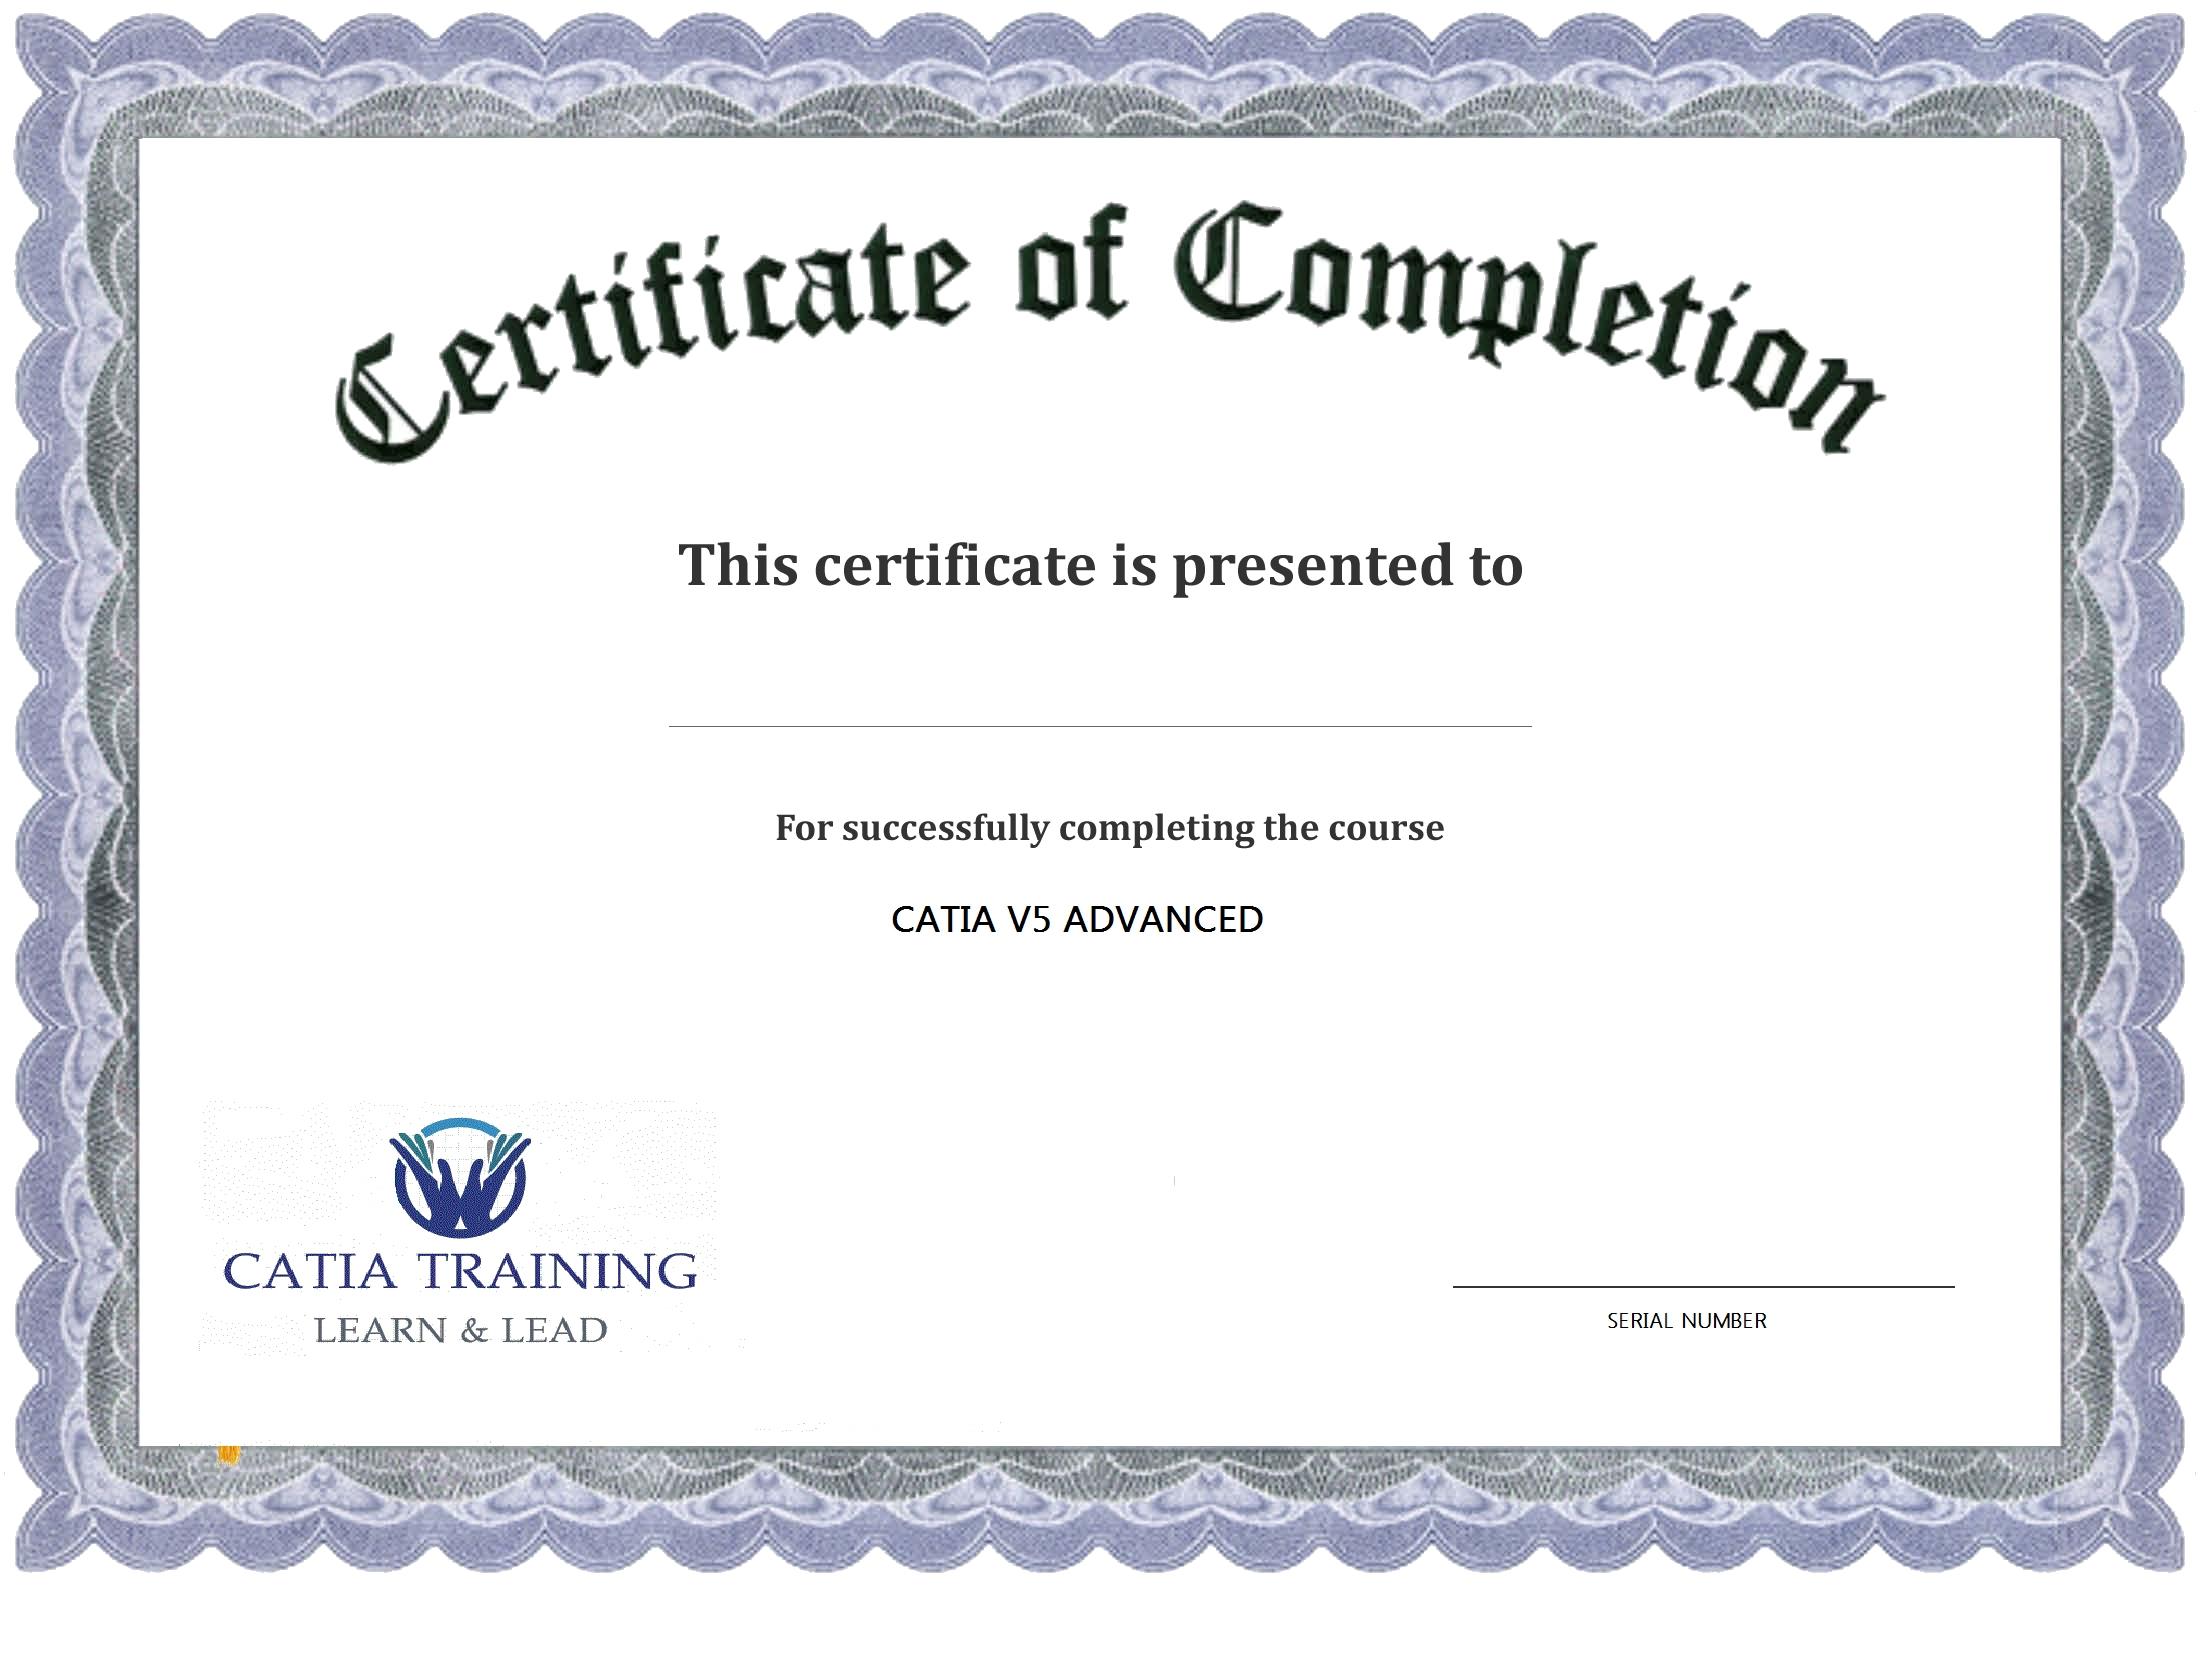 Pdf Award Certificates Templates - Karan.ald2014 Intended For Free Funny Award Certificate Templates For Word